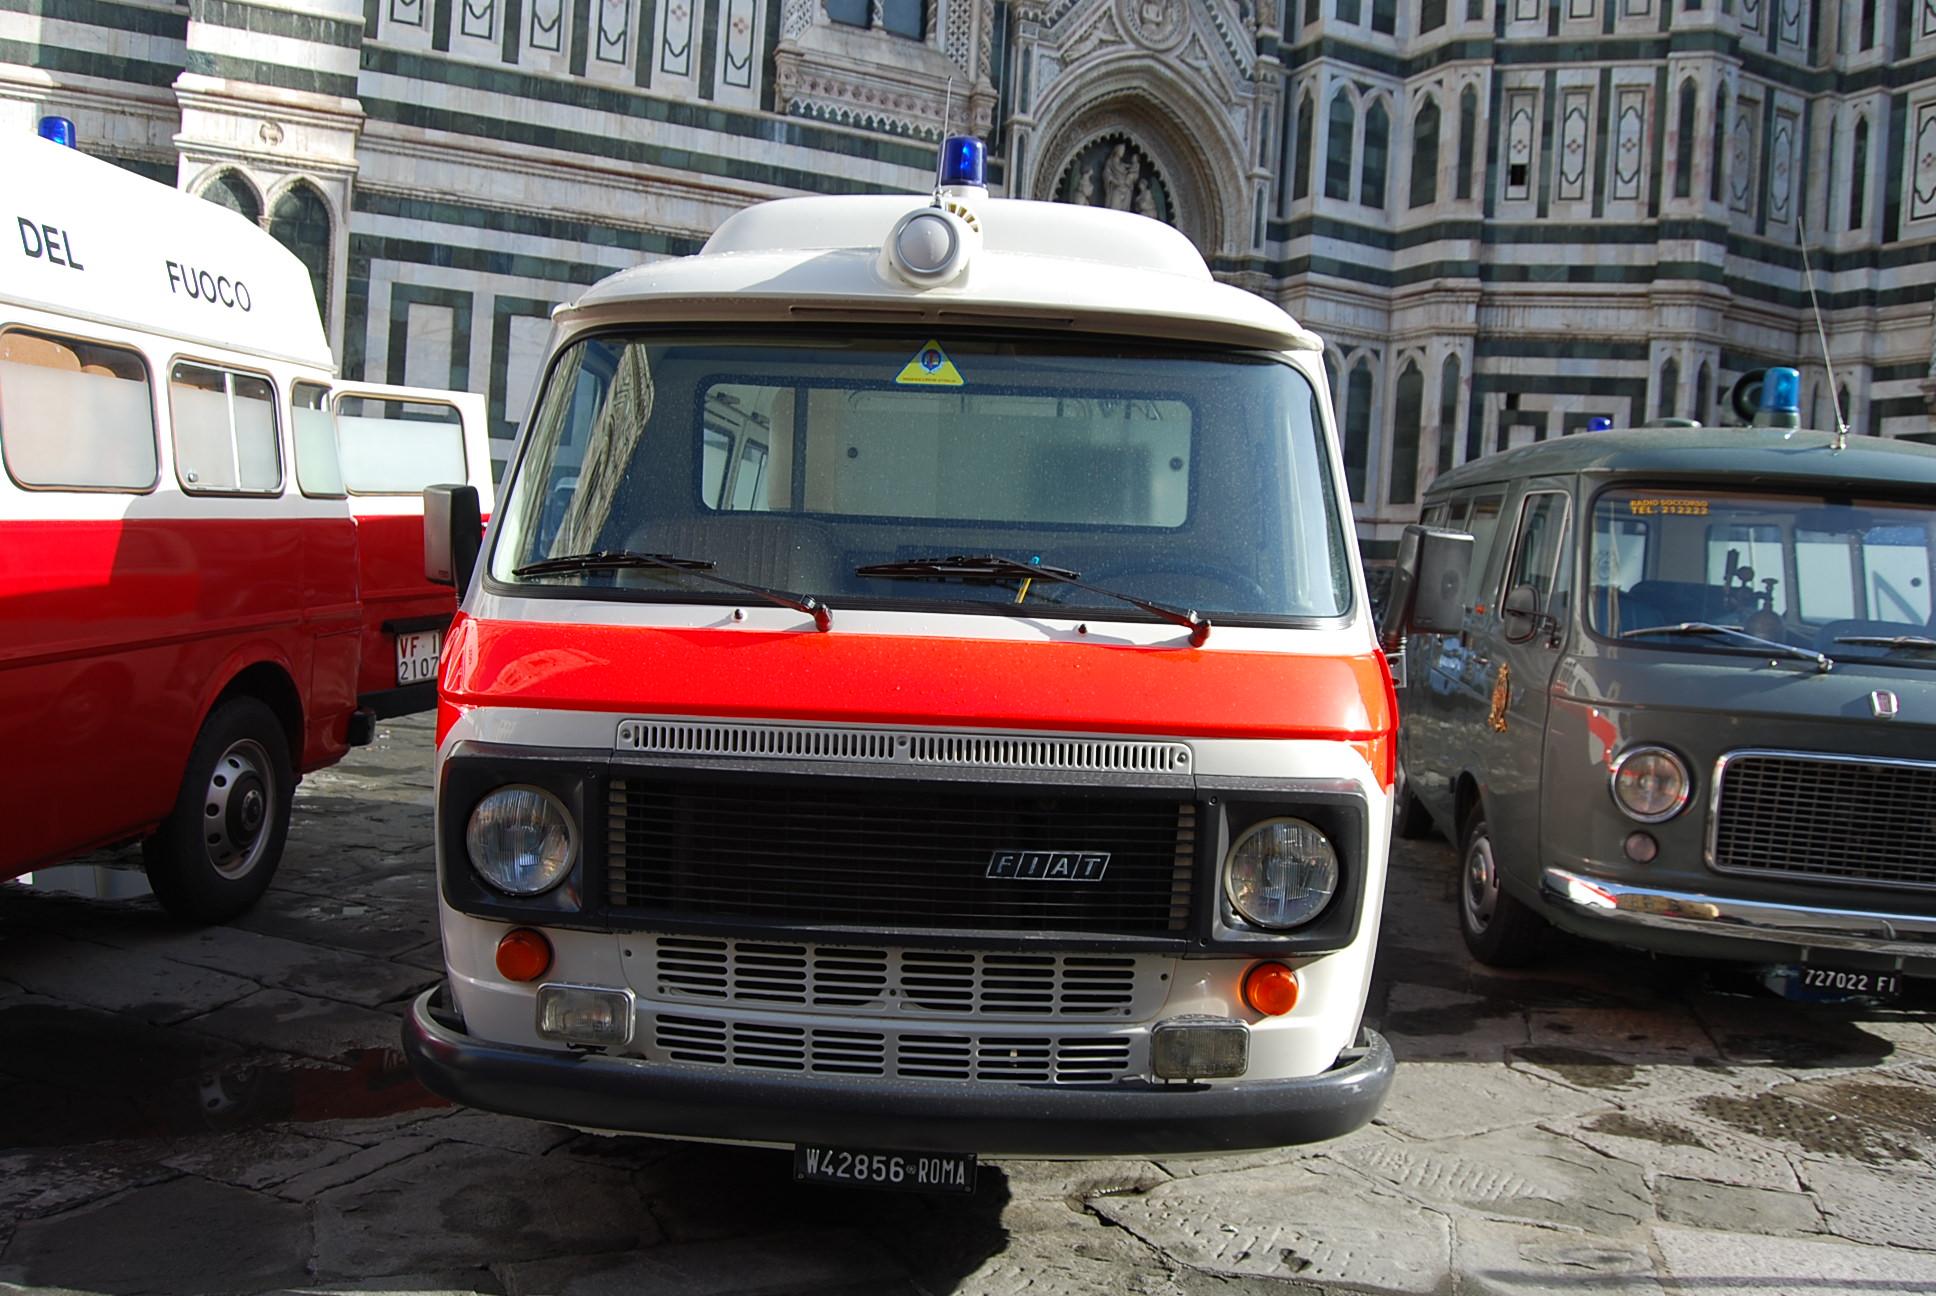 Foto 13: in mezzo ad un 238 della prima serie e di un Alfa Romeo F12 Vigili del Fuoco, il 238E ora auto storica della sezione di Ponte di Mezzo della Misericordia fiorentina - foto Alberto Di Grazia